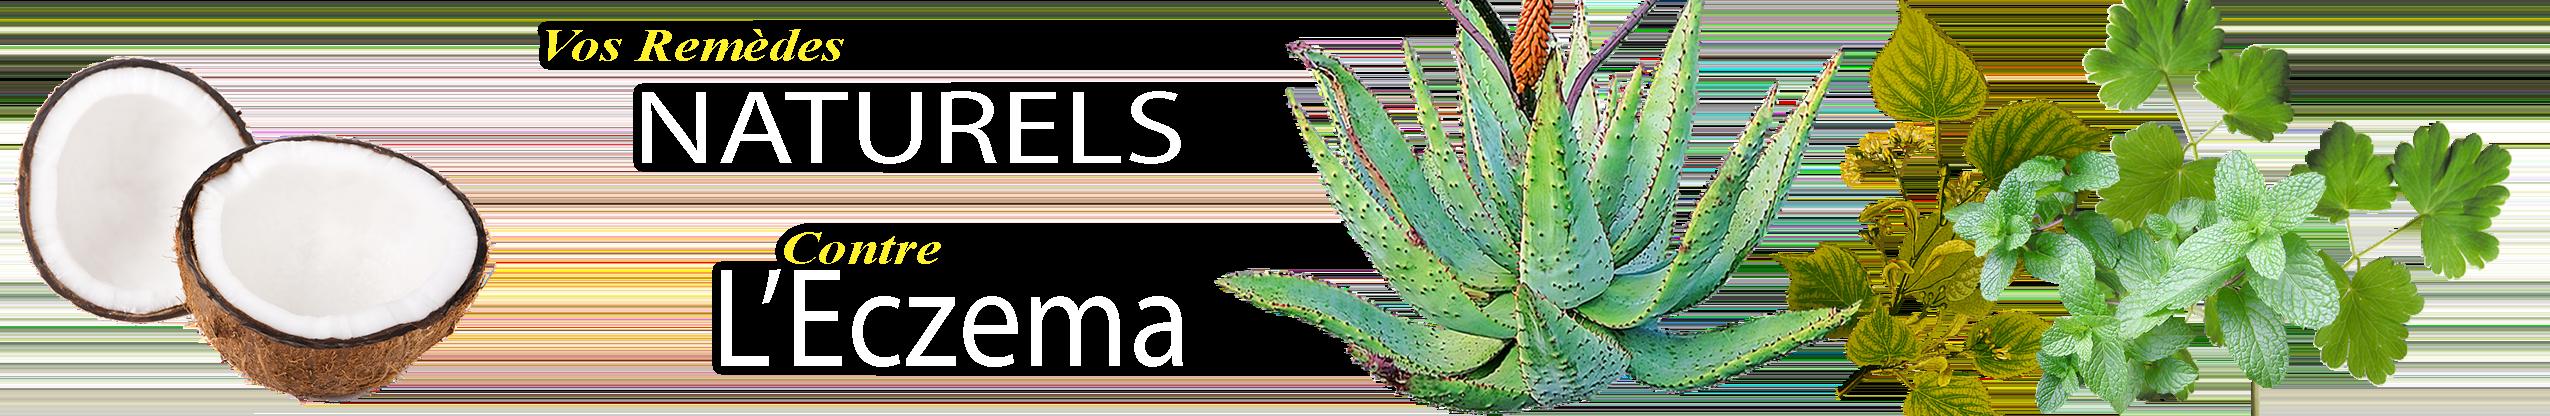 recevez votre guide gratuit eczema traiter l 39 eczema naturellement. Black Bedroom Furniture Sets. Home Design Ideas